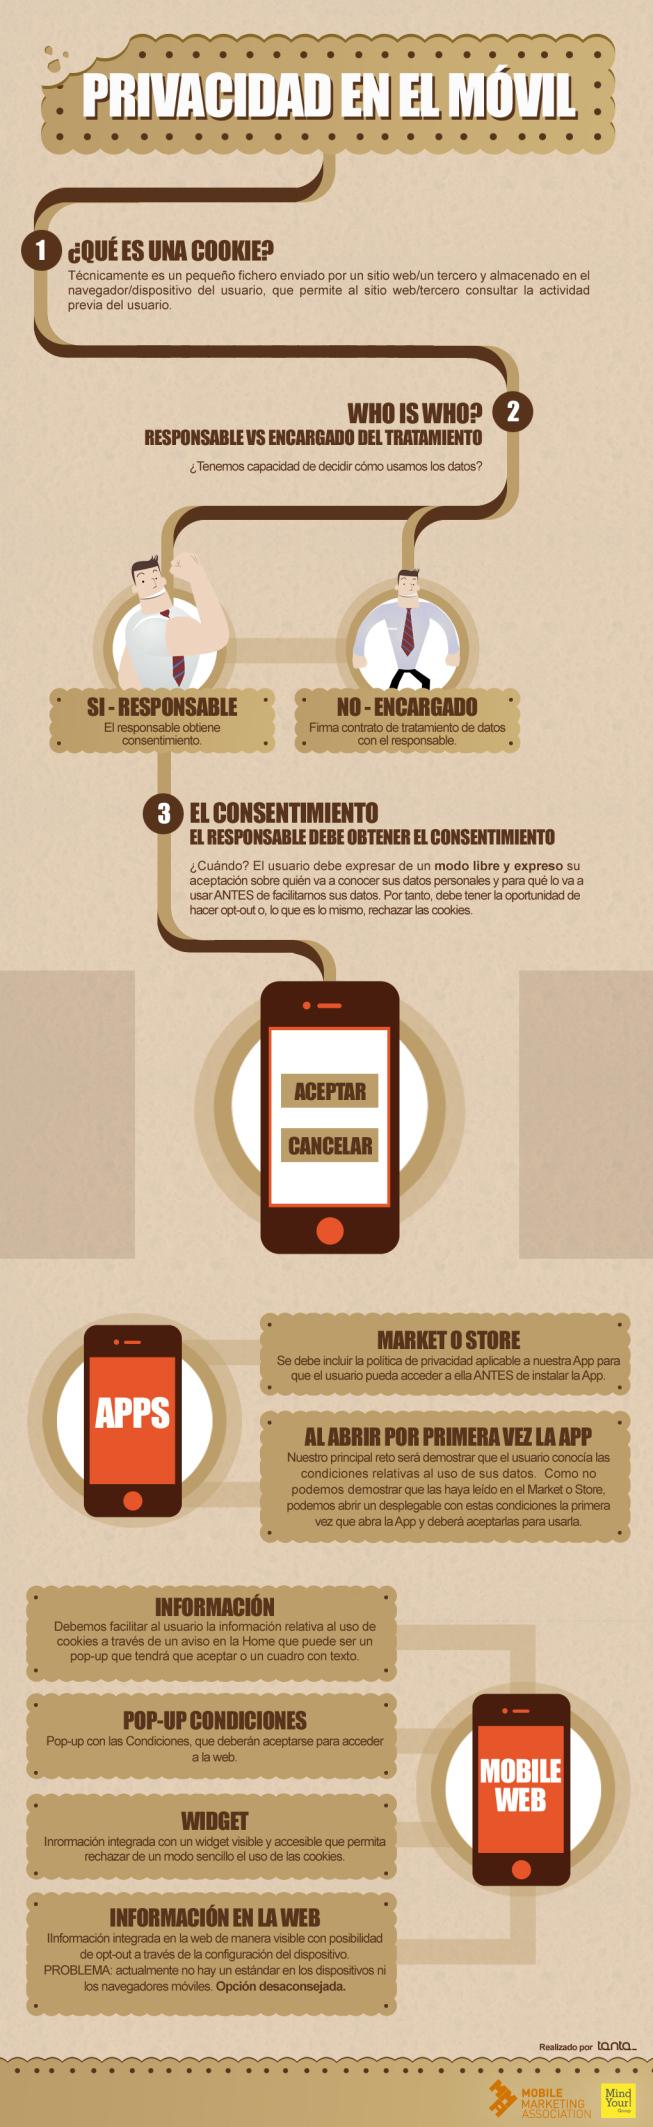 ¿Qué pasa con tu privacidad cada vez que usas tu Smartphone?